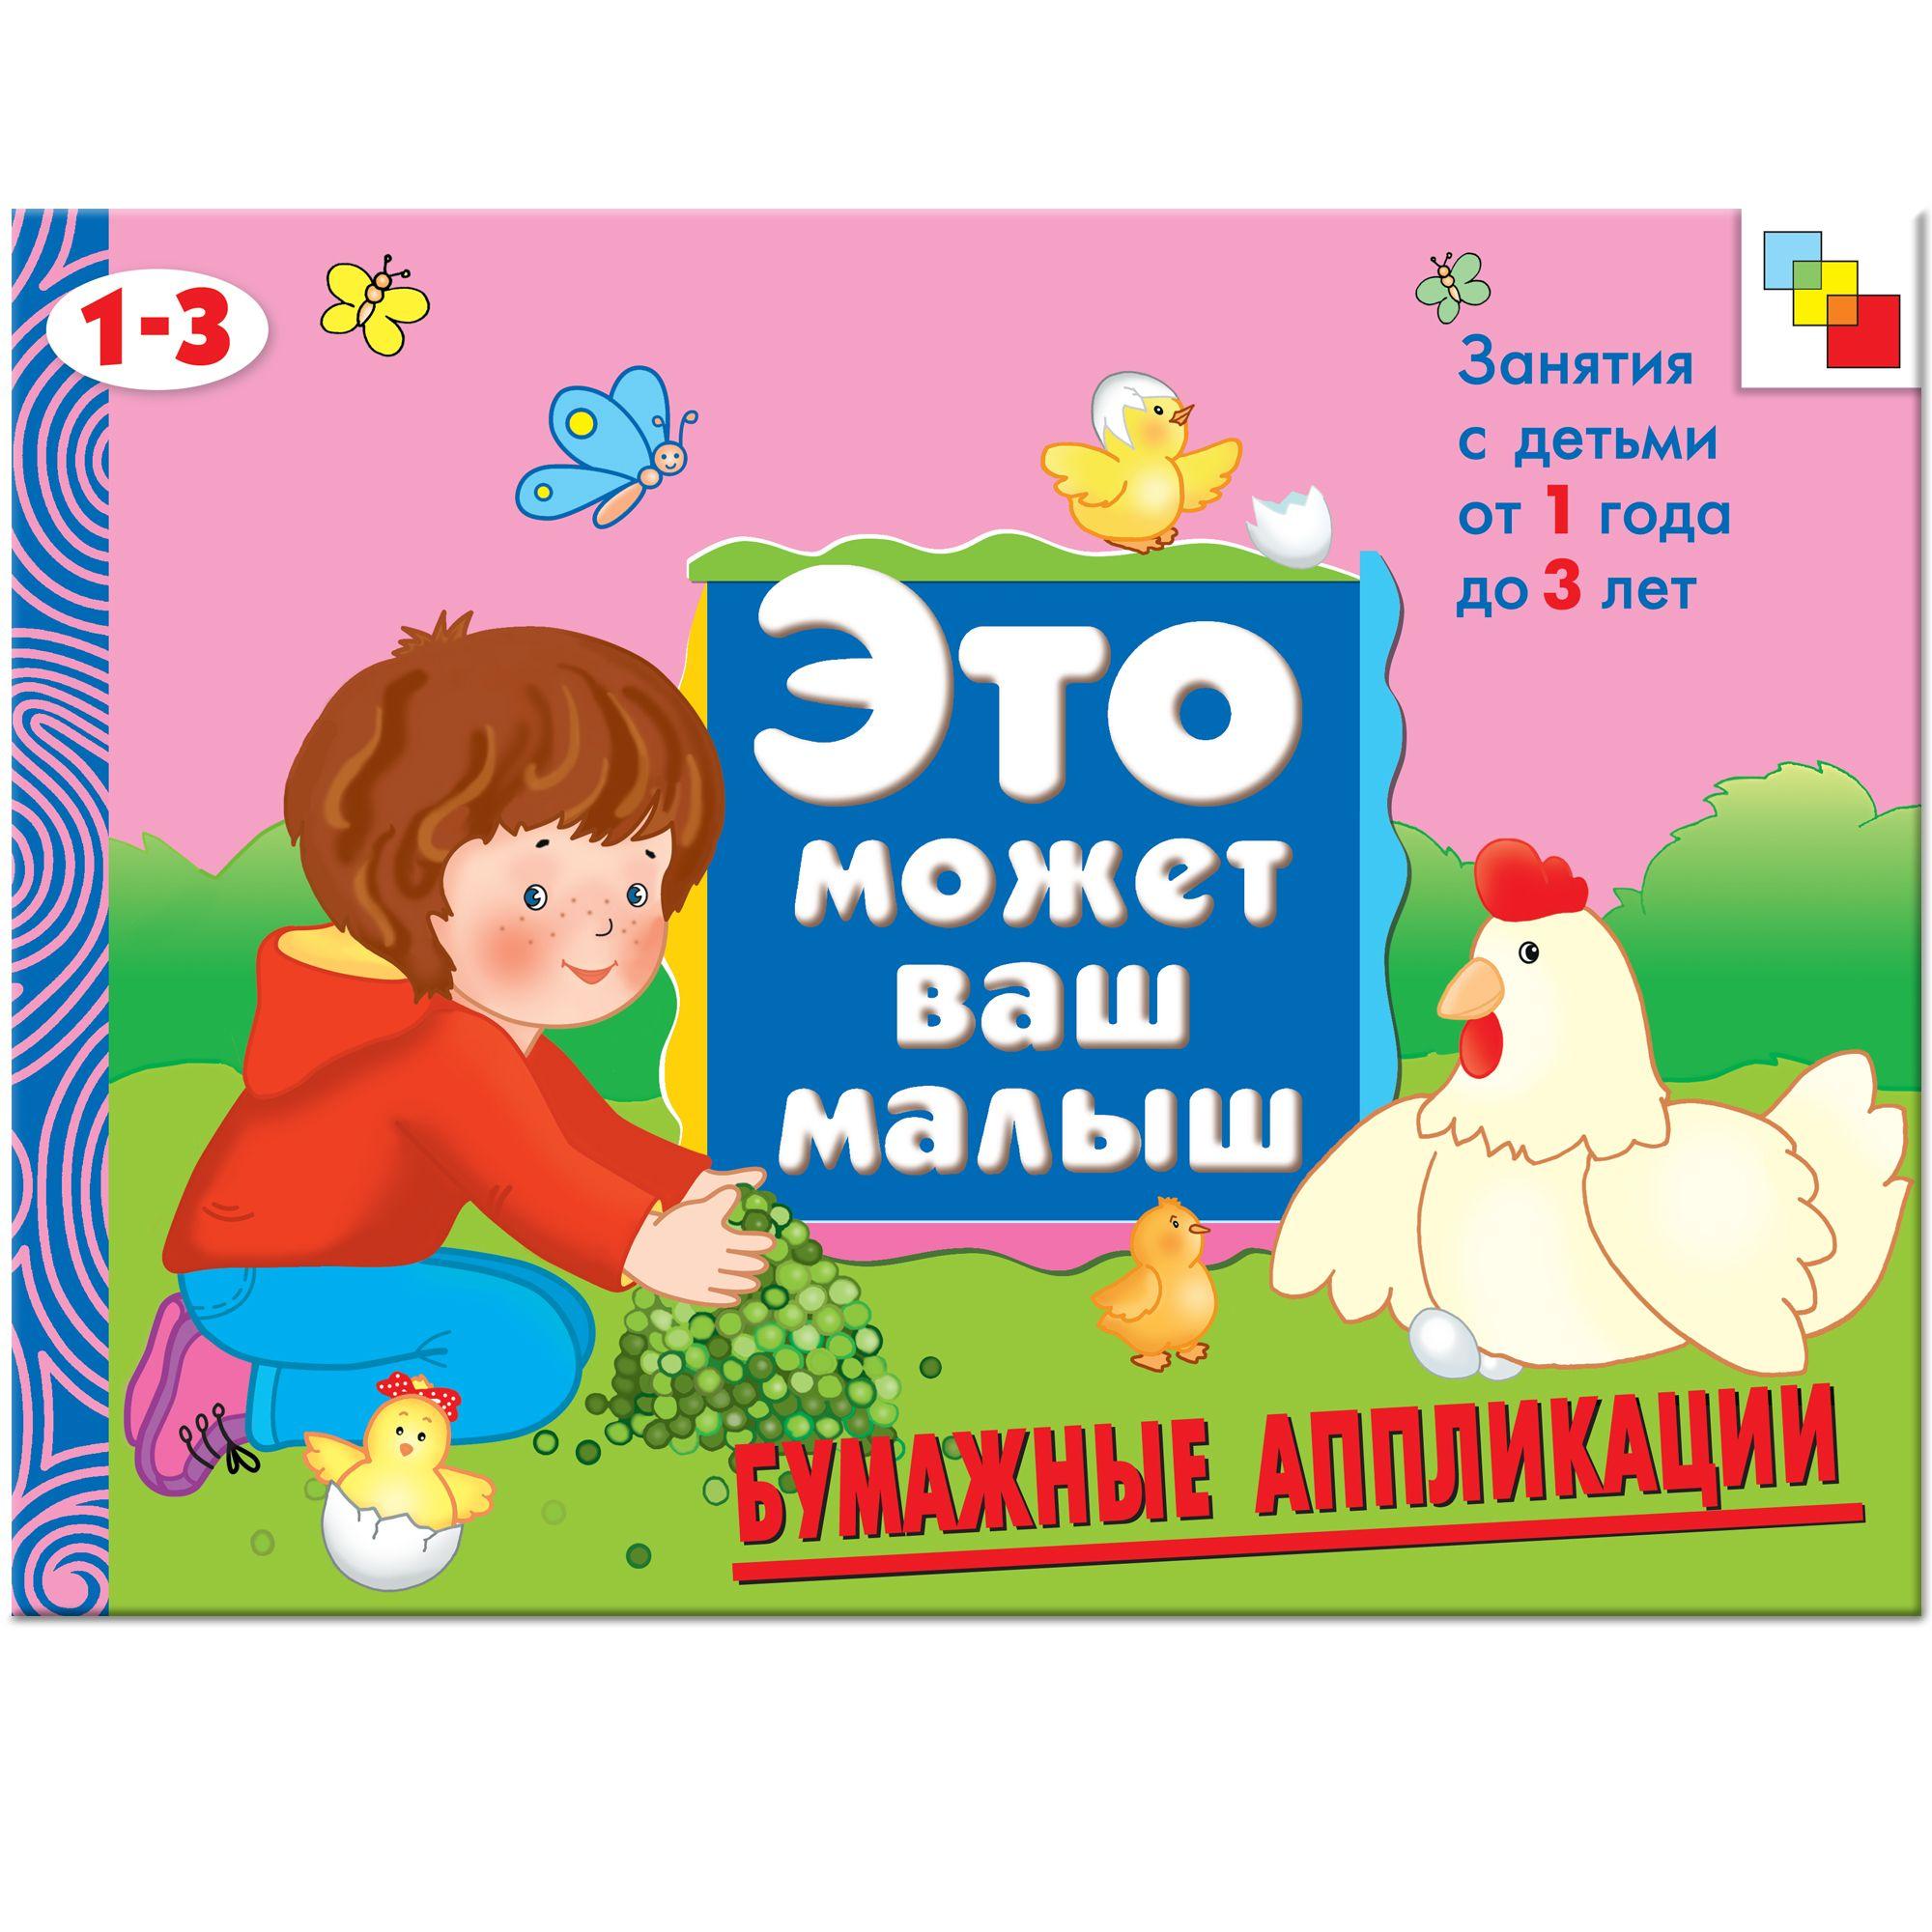 Бумажные аппликации. Занятия с детьми от 1 до 3 лет